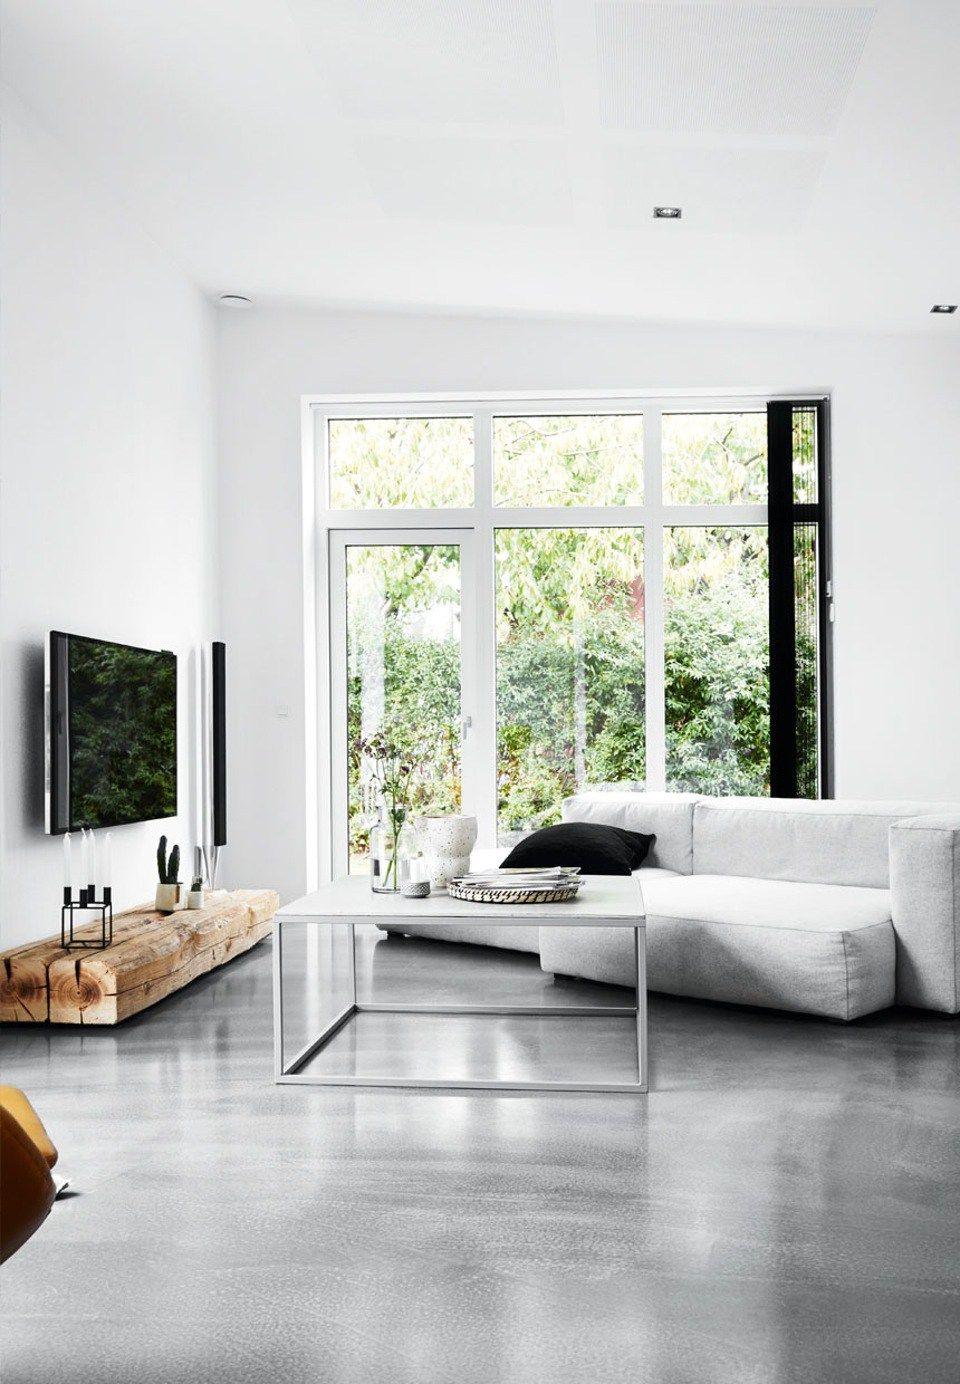 Betonboden Im Wohnzimmer Schoner Wohnen Beton Optik Wandgestaltung